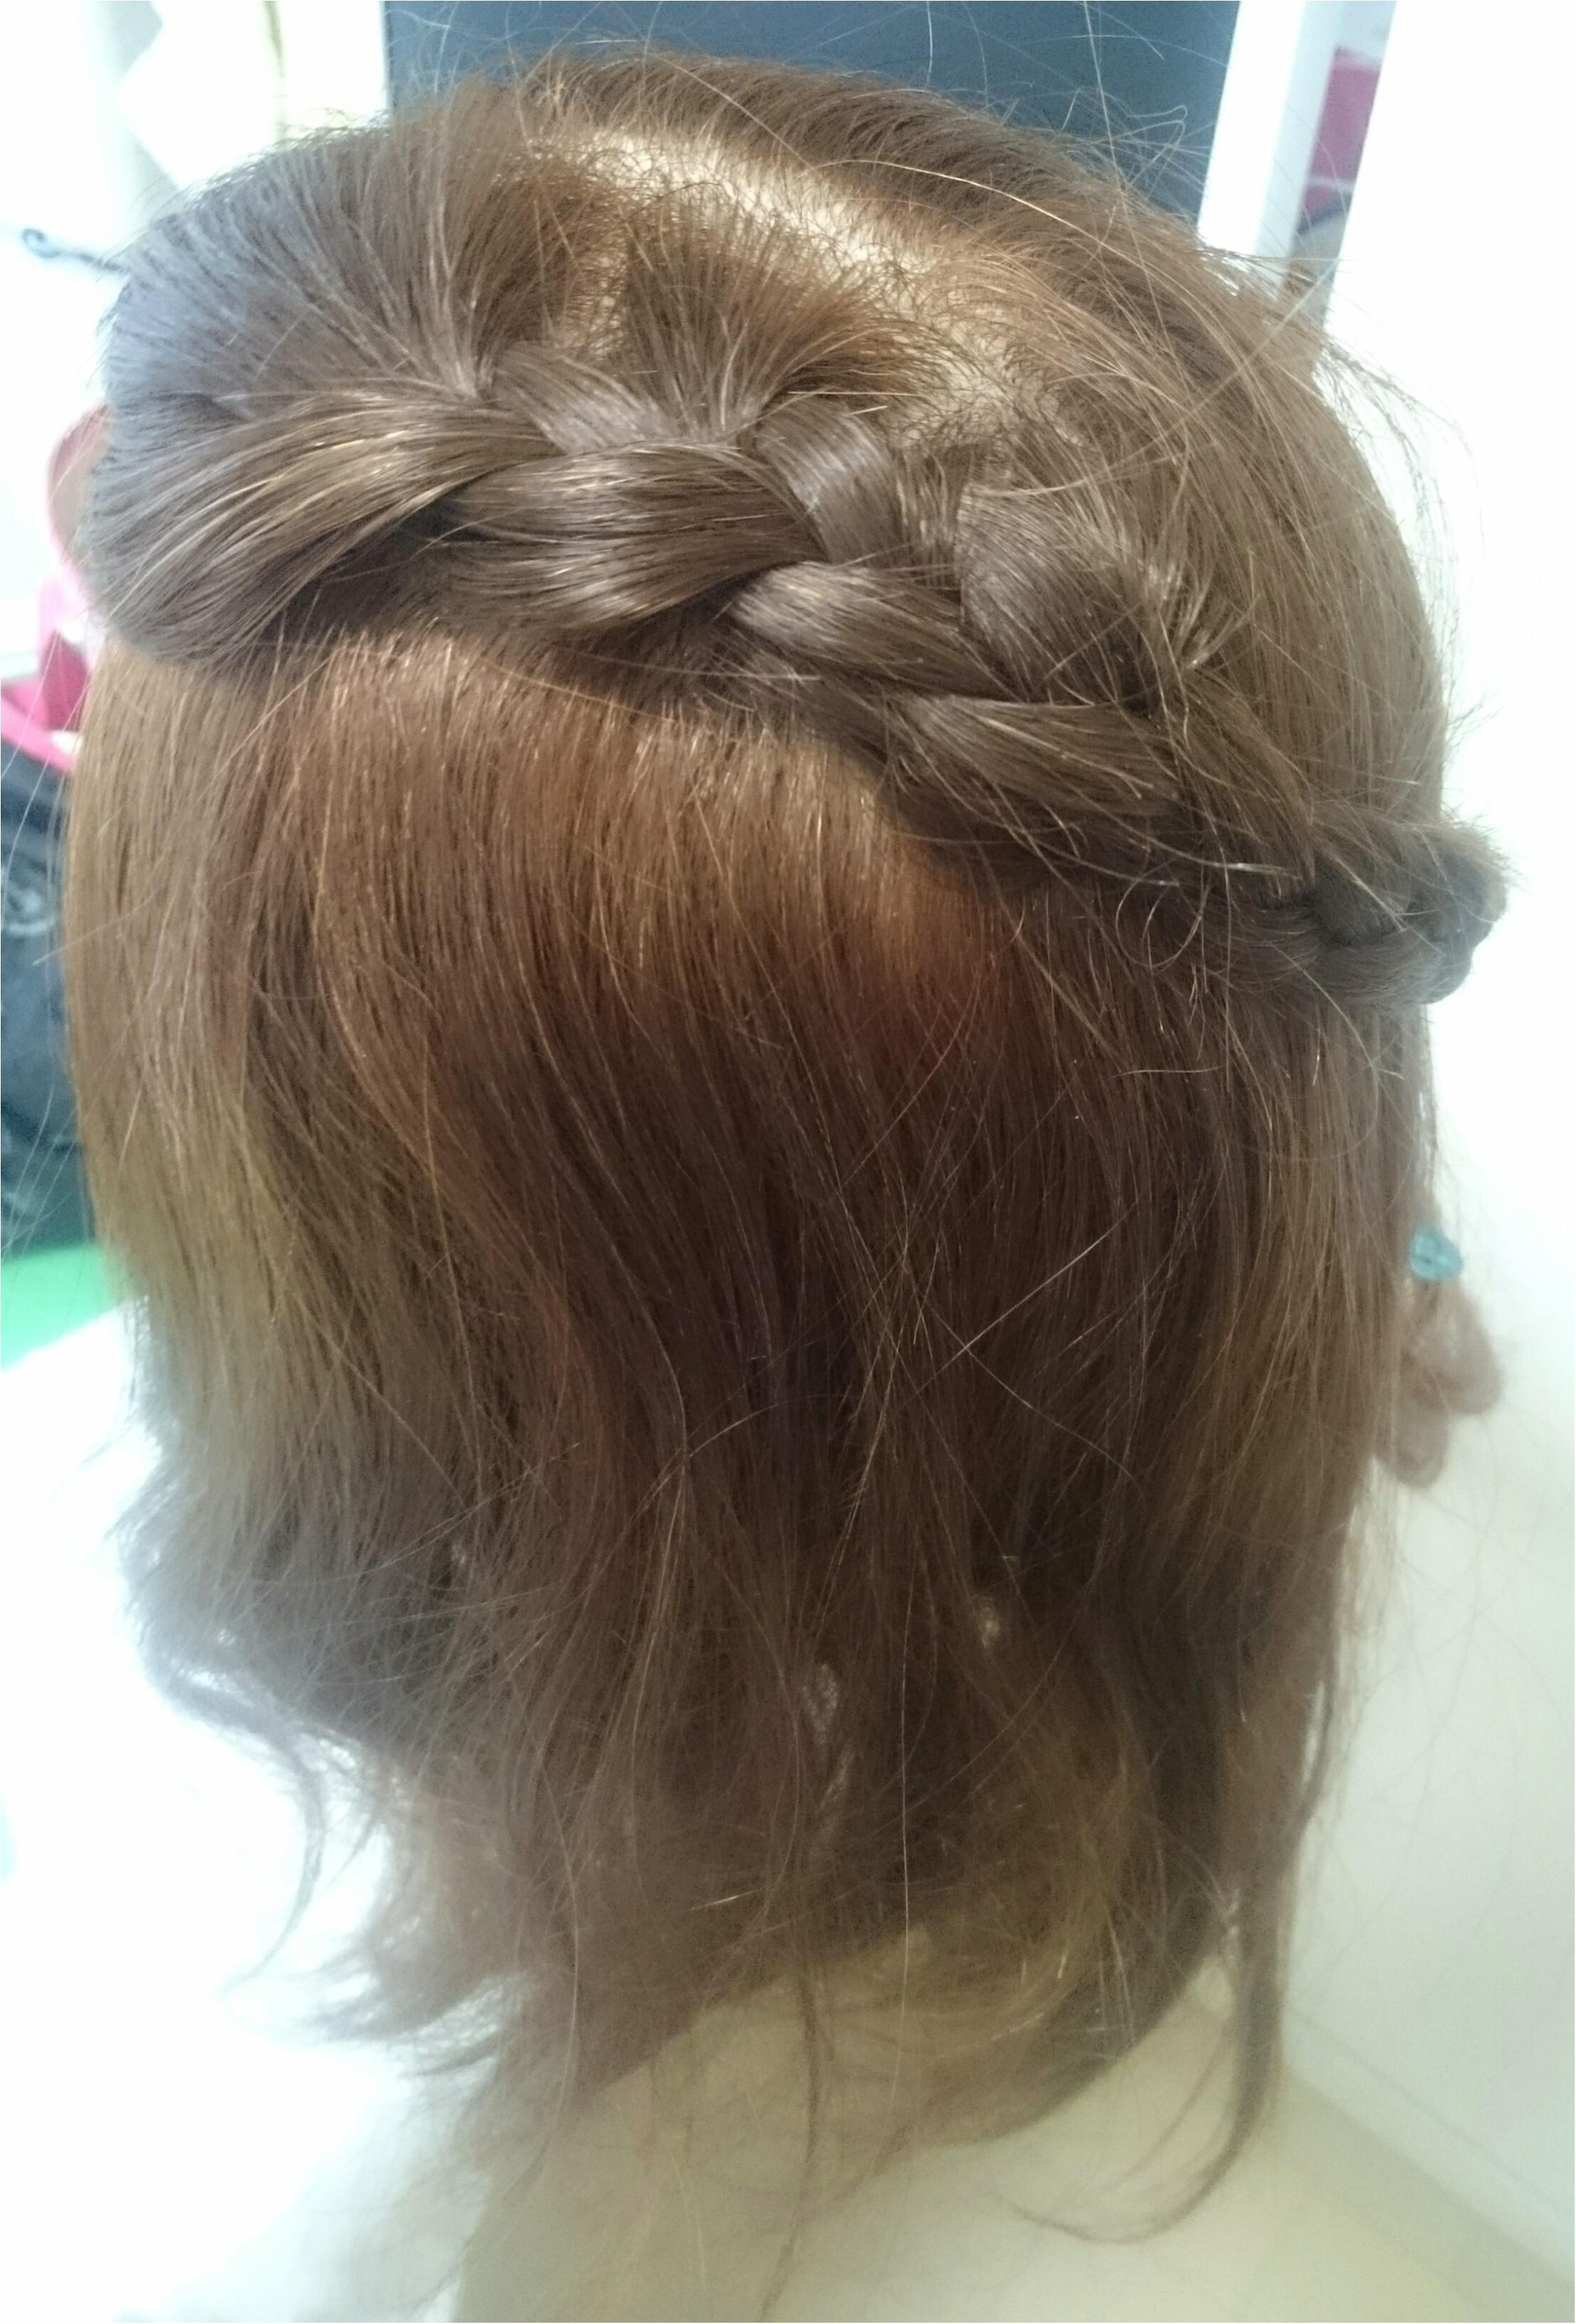 編み込みをうまくできるようになりたくてヘアアレンジレッスンに行ってきました!_2